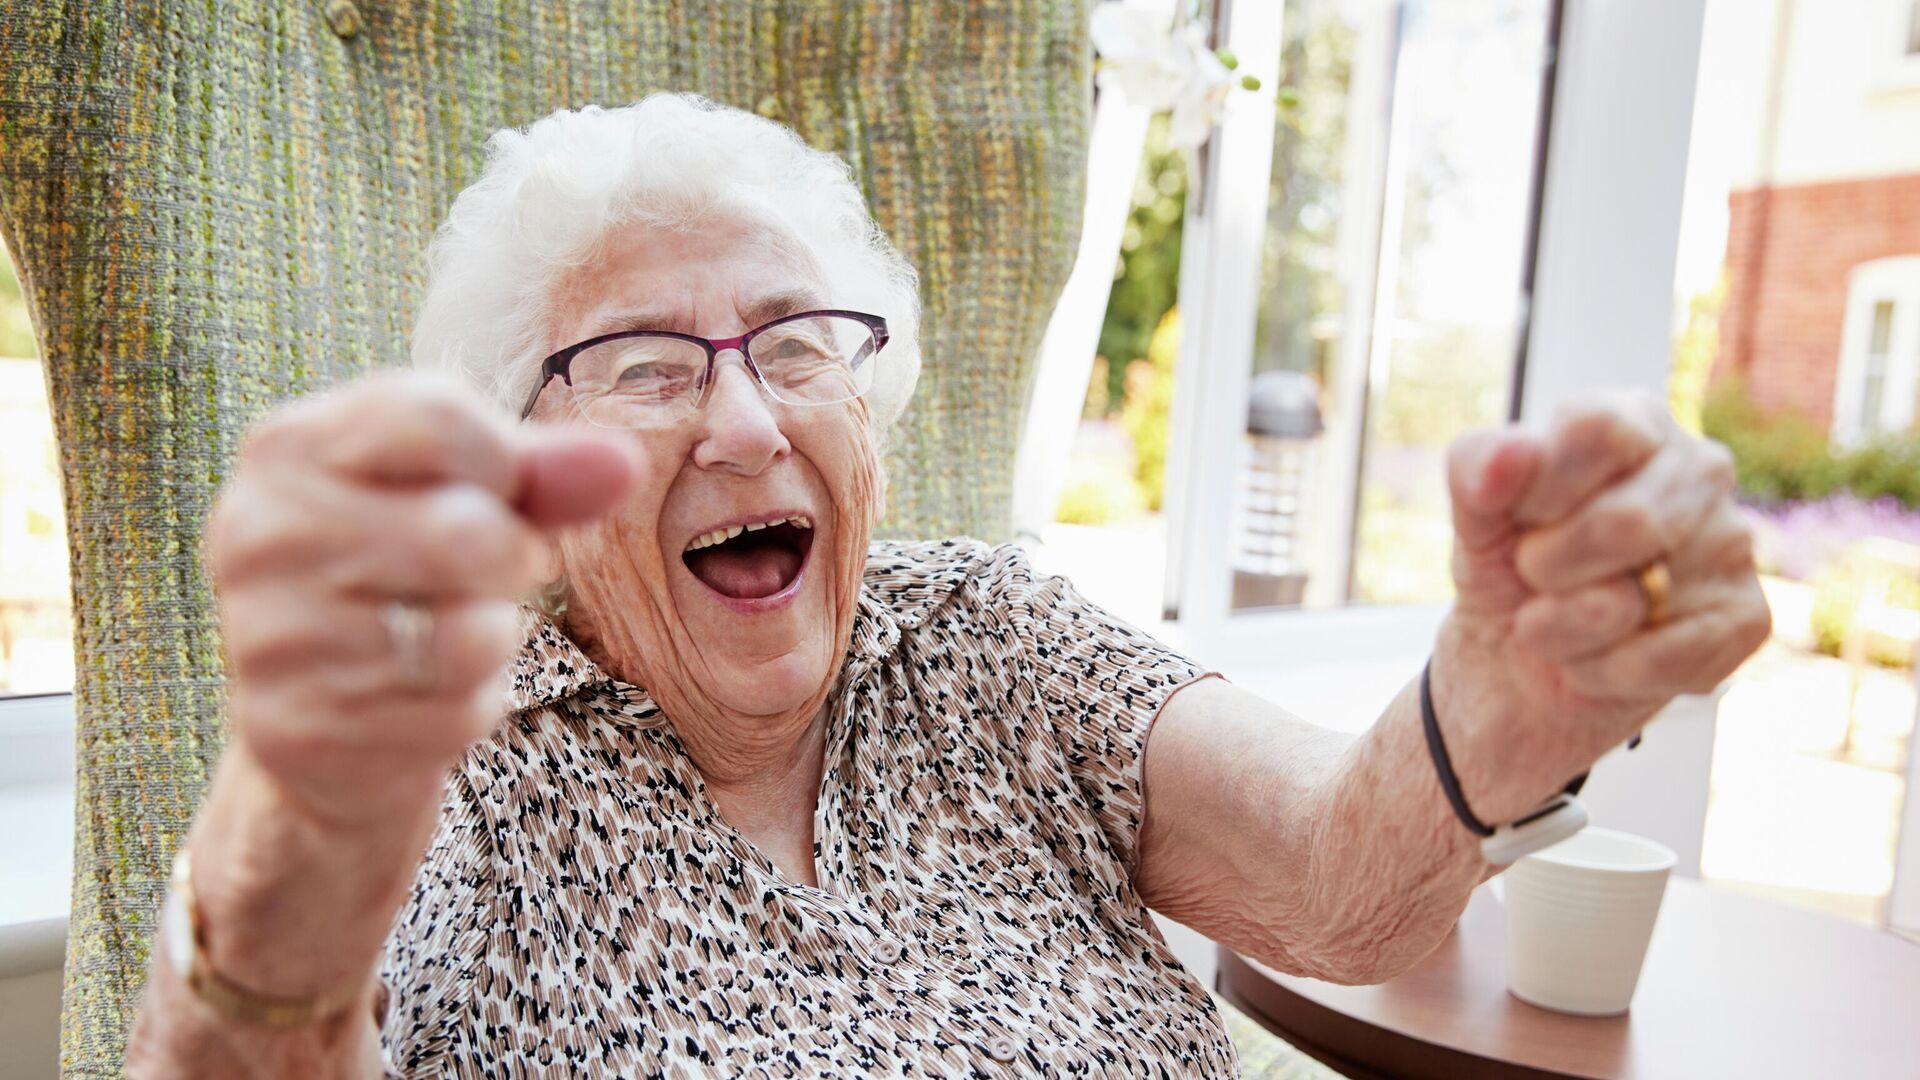 Пожилая женщина радуется  - РИА Новости, 1920, 18.02.2021